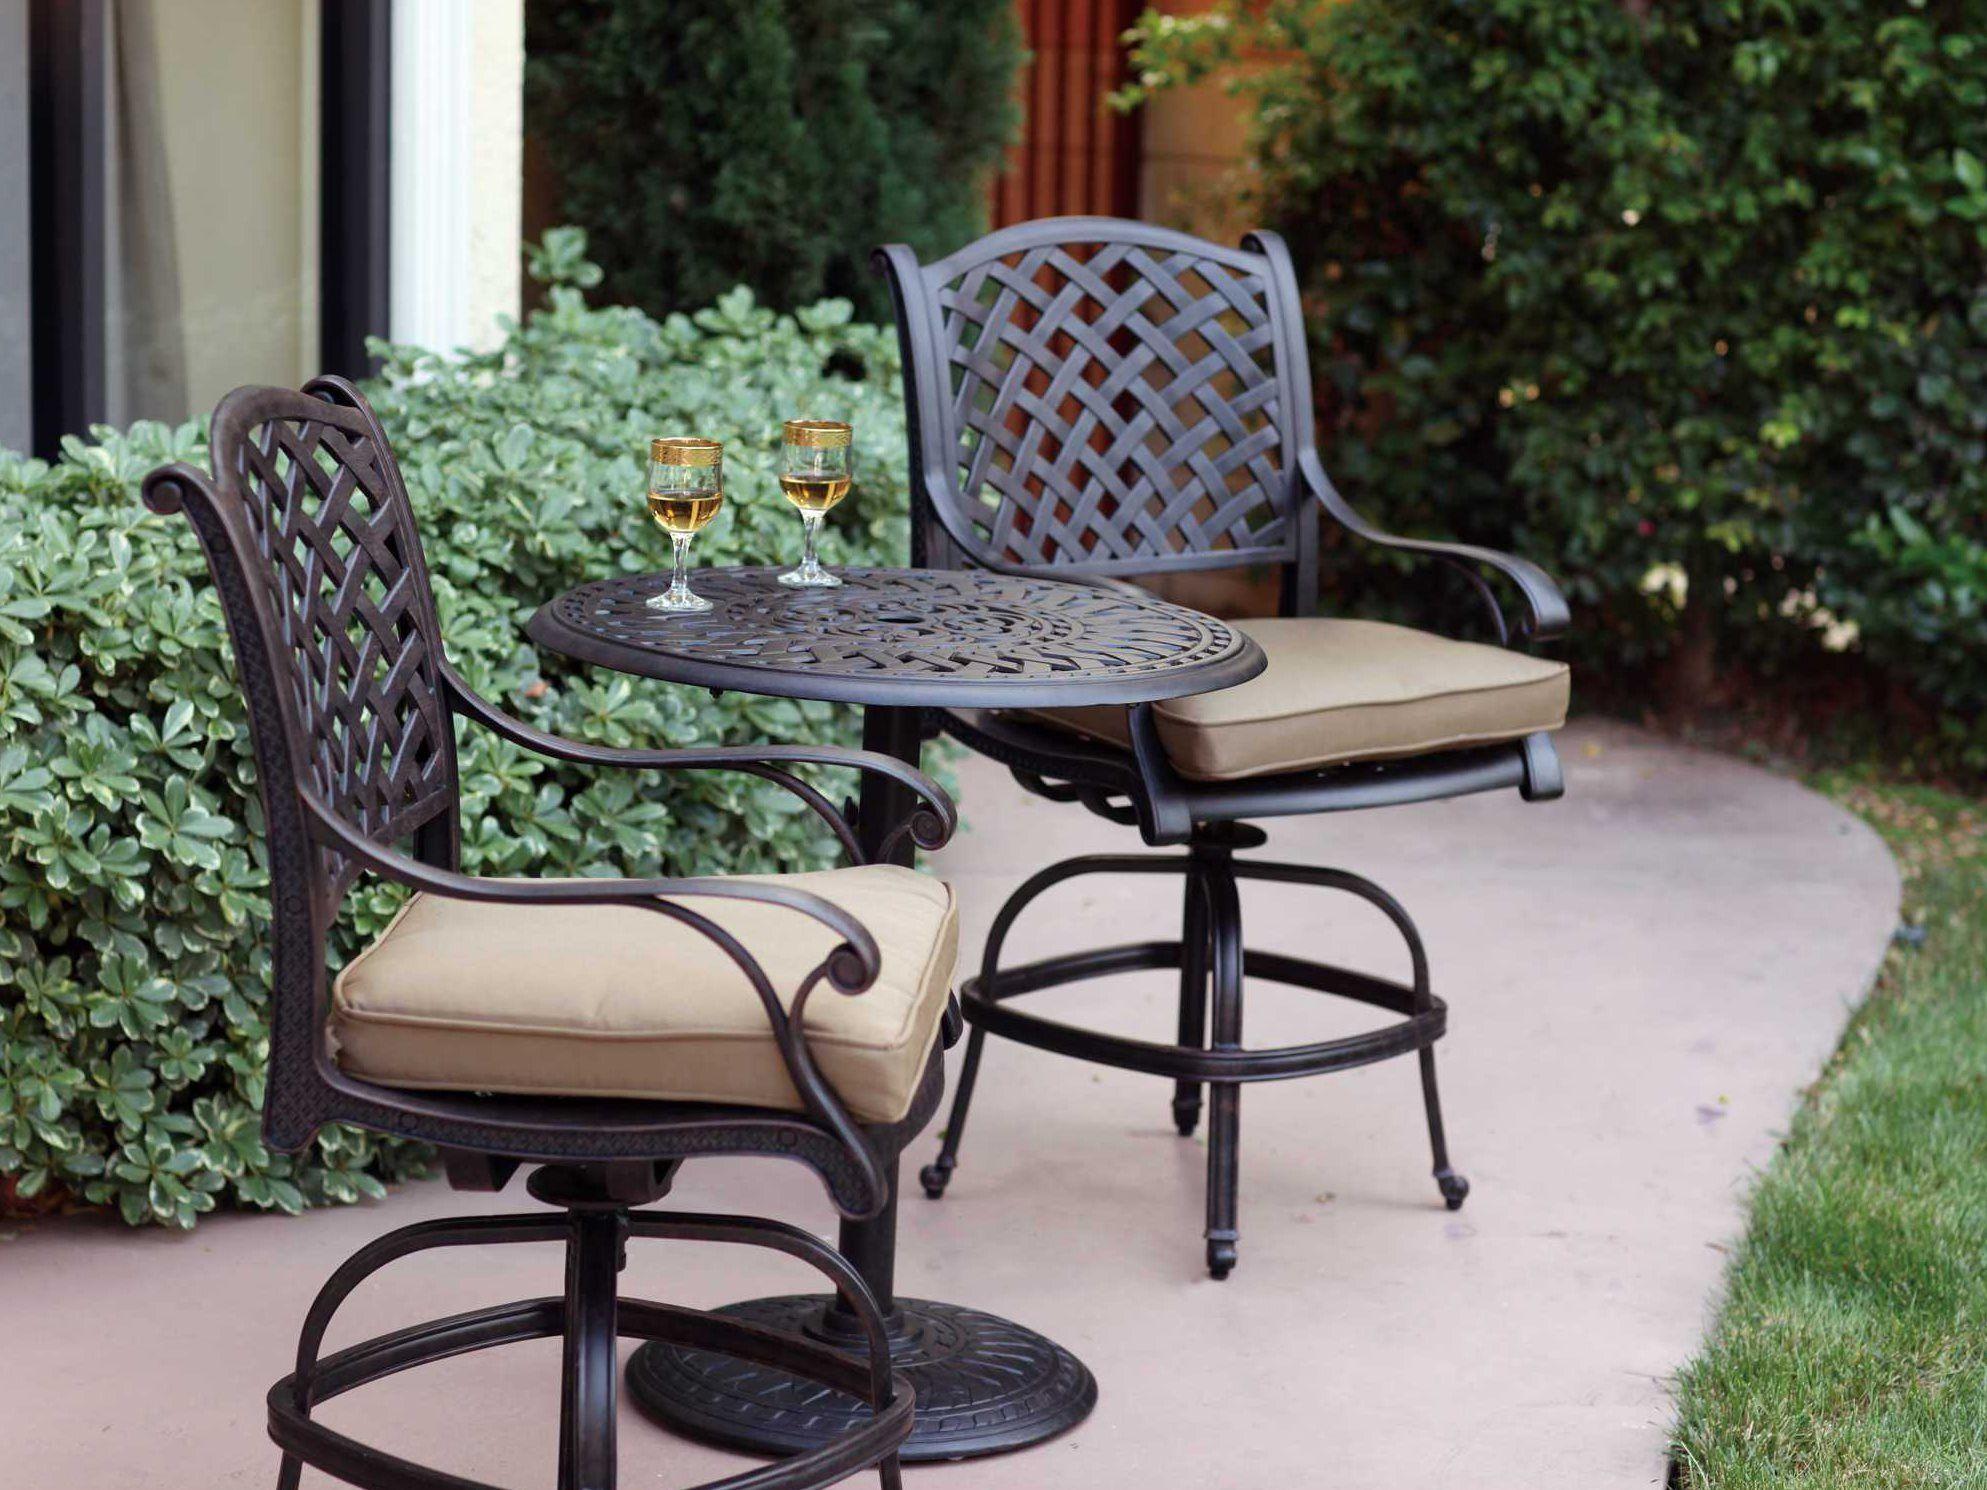 Darlee Outdoor Living Standard Nassau Cast Aluminum Antique Bronze Swivel Counter Height Stool Dl13 7ch Outdoor Bar Stools Modern Patio Furniture Patio Bar Set